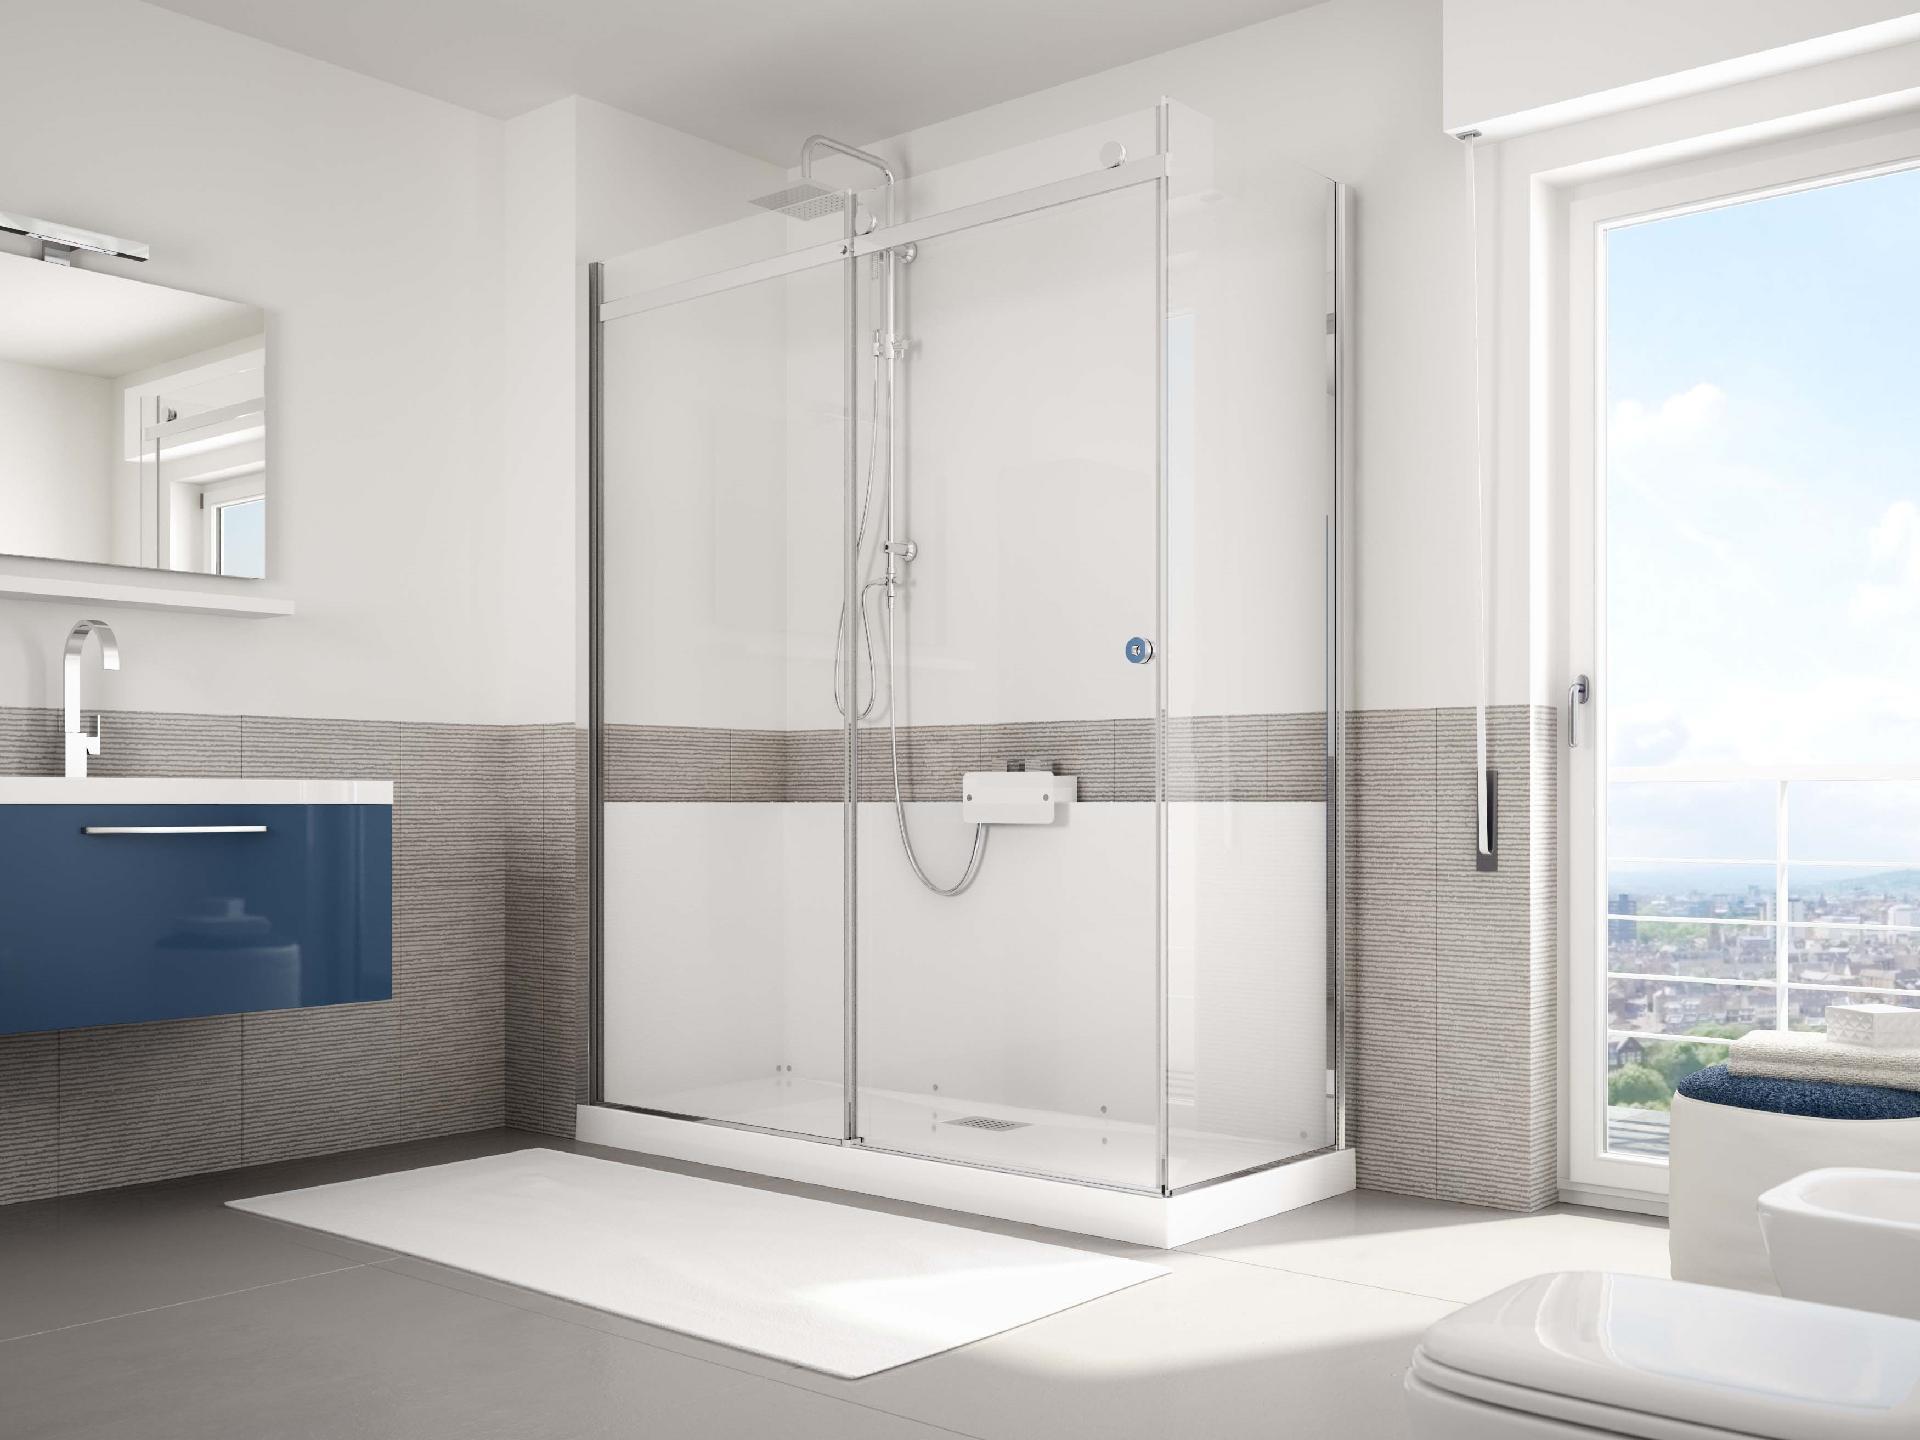 Sostituzione vasca in doccia catania - Bagno completo ikea ...